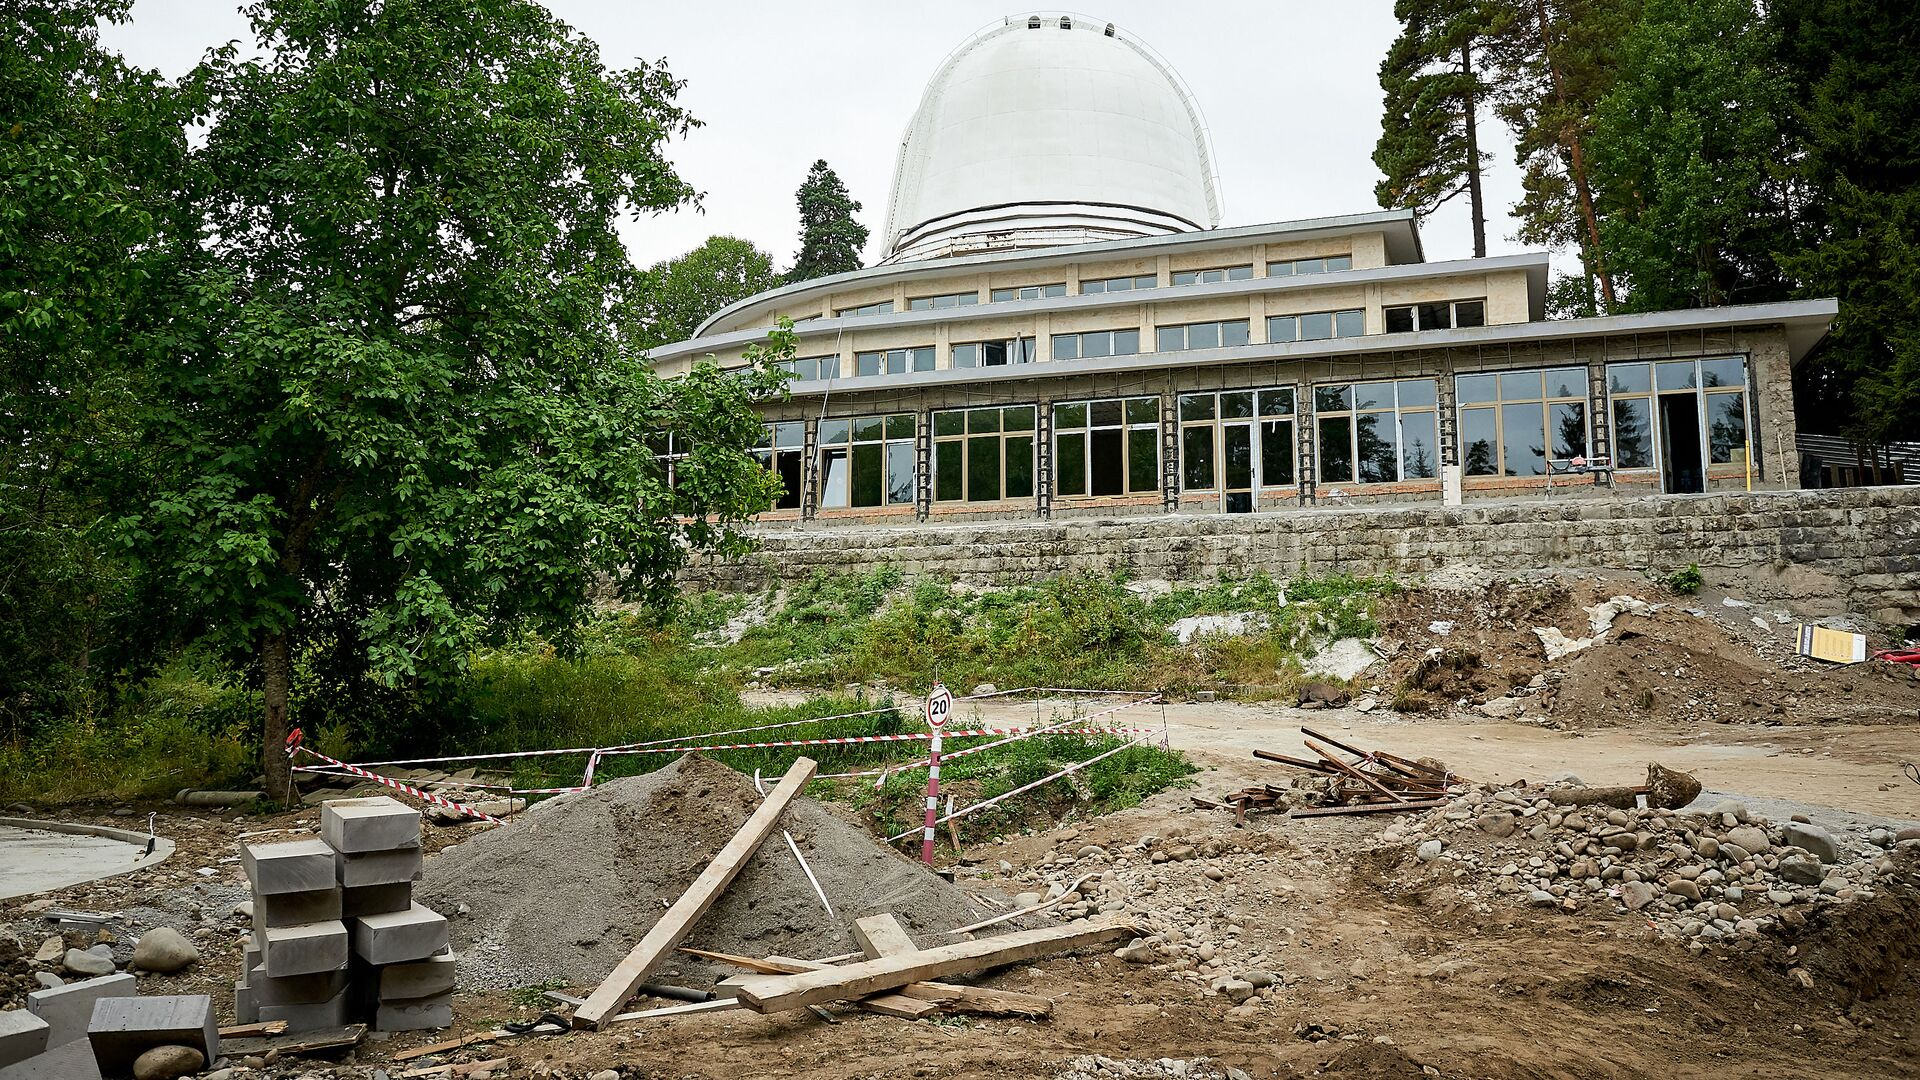 Строительство нового здания обсерватории в Абастумани - Sputnik Грузия, 1920, 12.09.2021